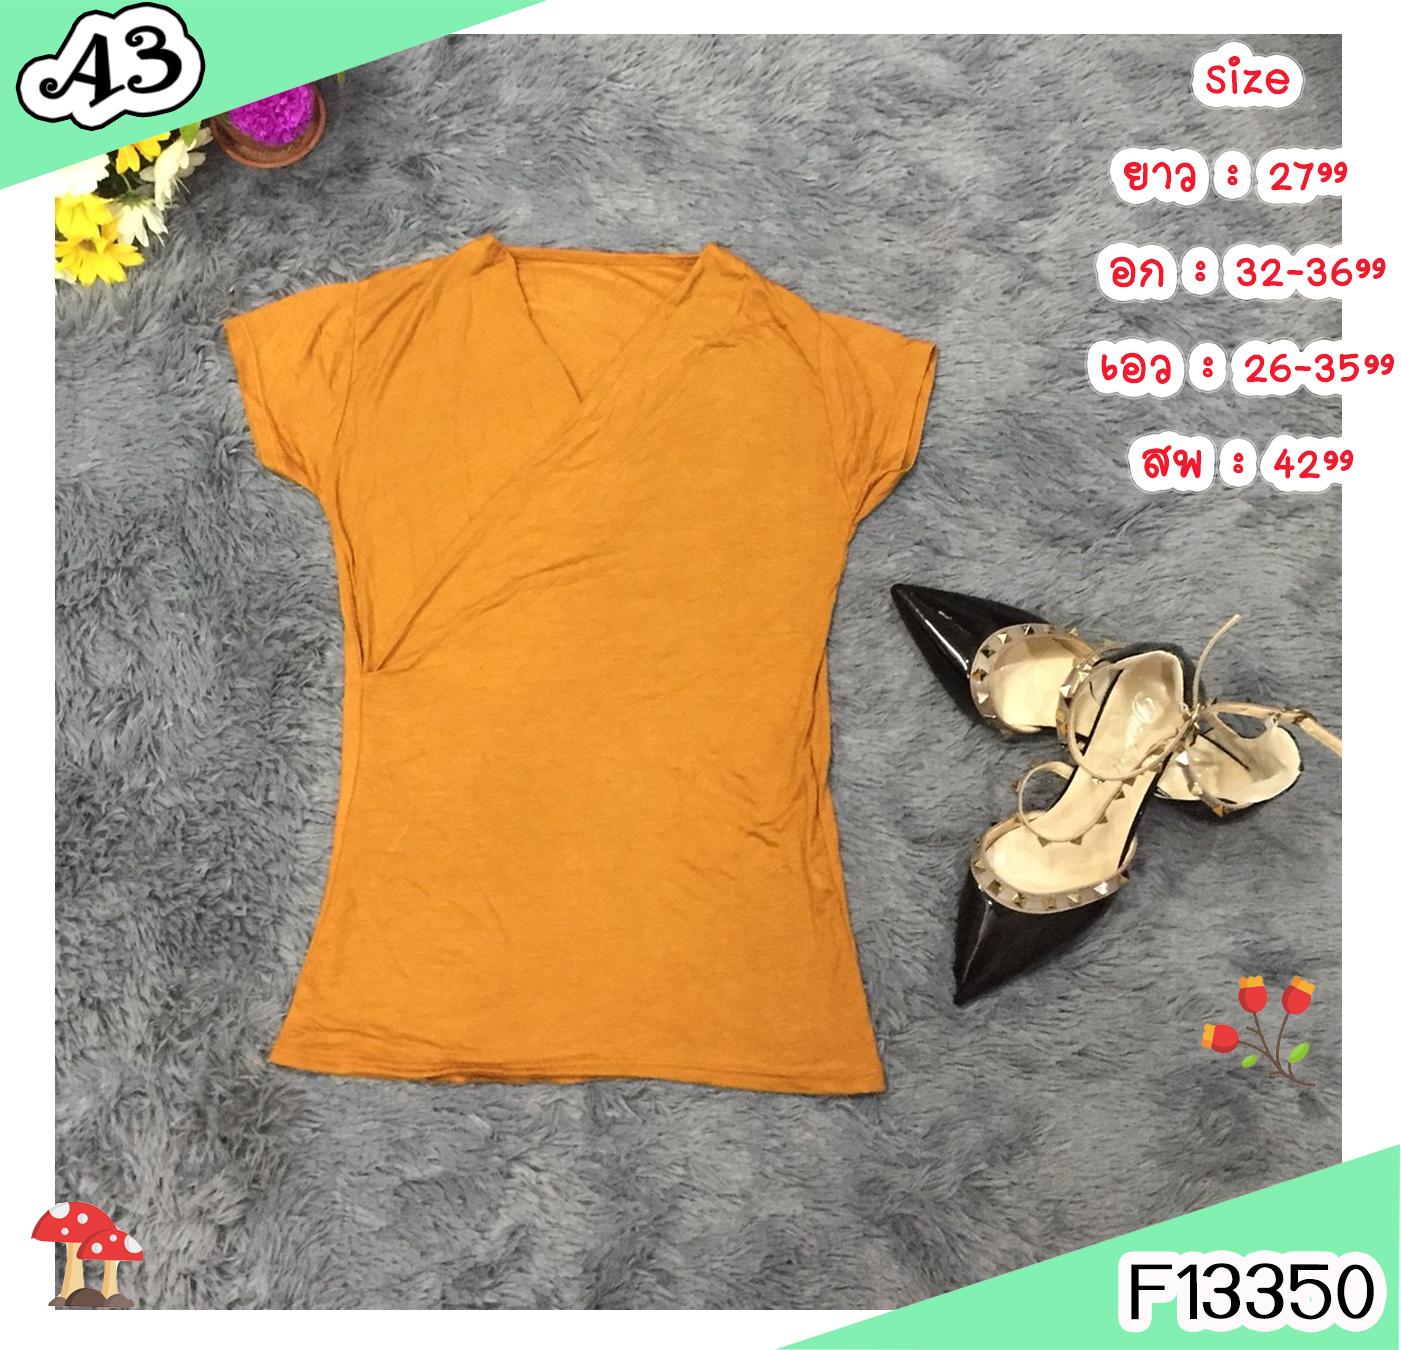 F13350 เสื้อ ป้ายหน้าแขนสั้น สีส้มอิฐ